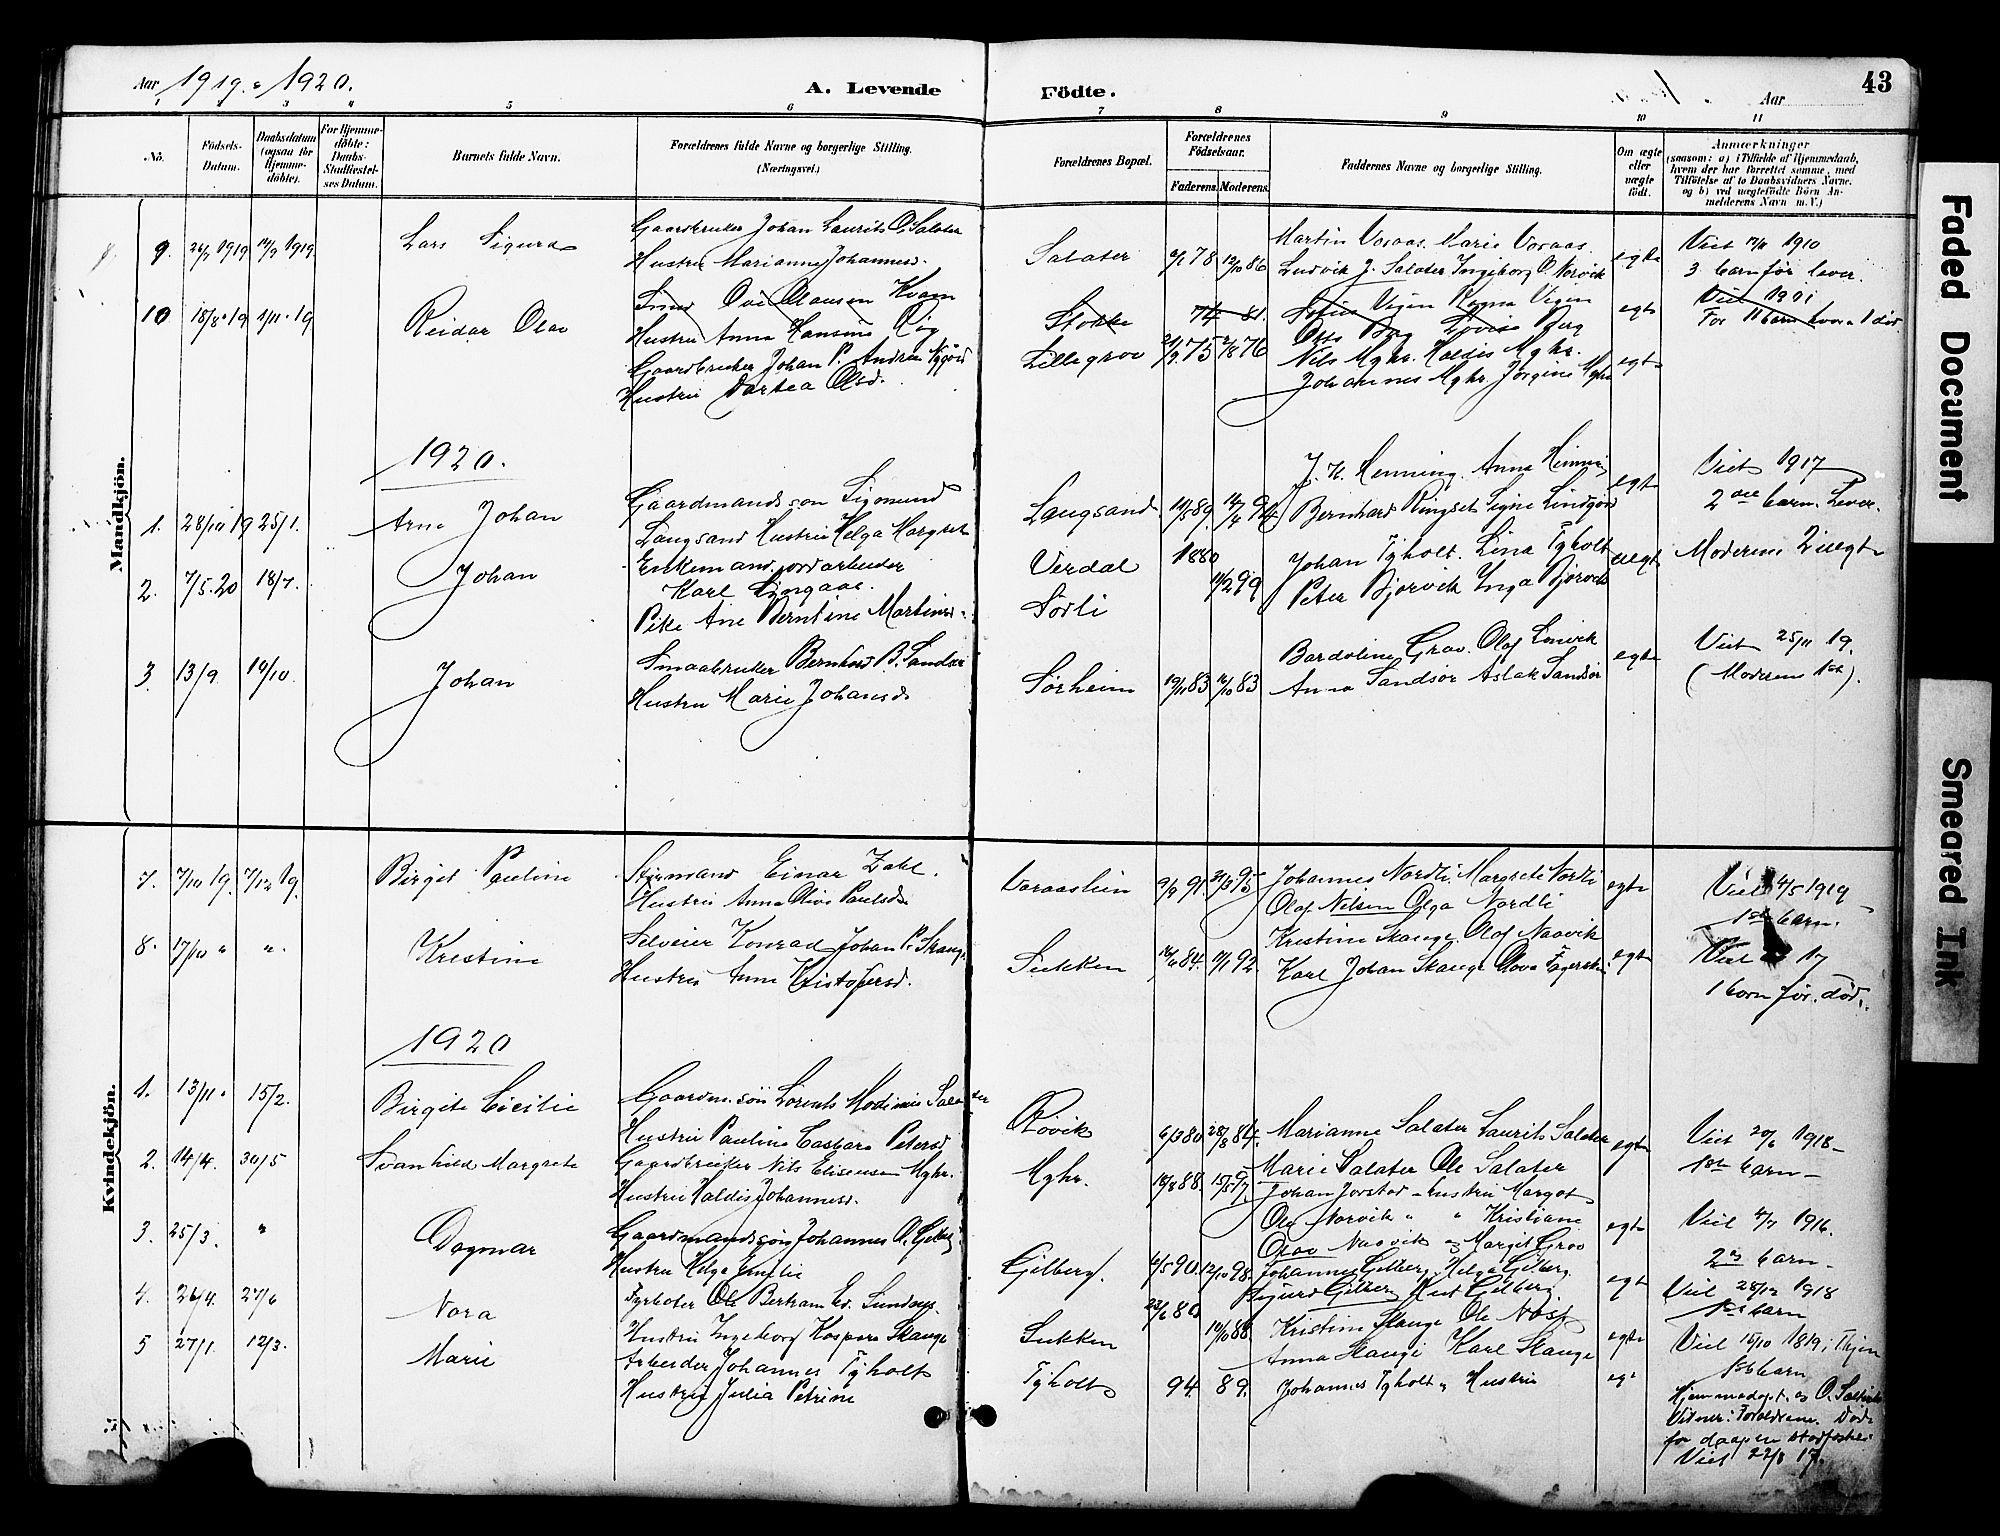 SAT, Ministerialprotokoller, klokkerbøker og fødselsregistre - Nord-Trøndelag, 722/L0226: Klokkerbok nr. 722C02, 1889-1927, s. 43